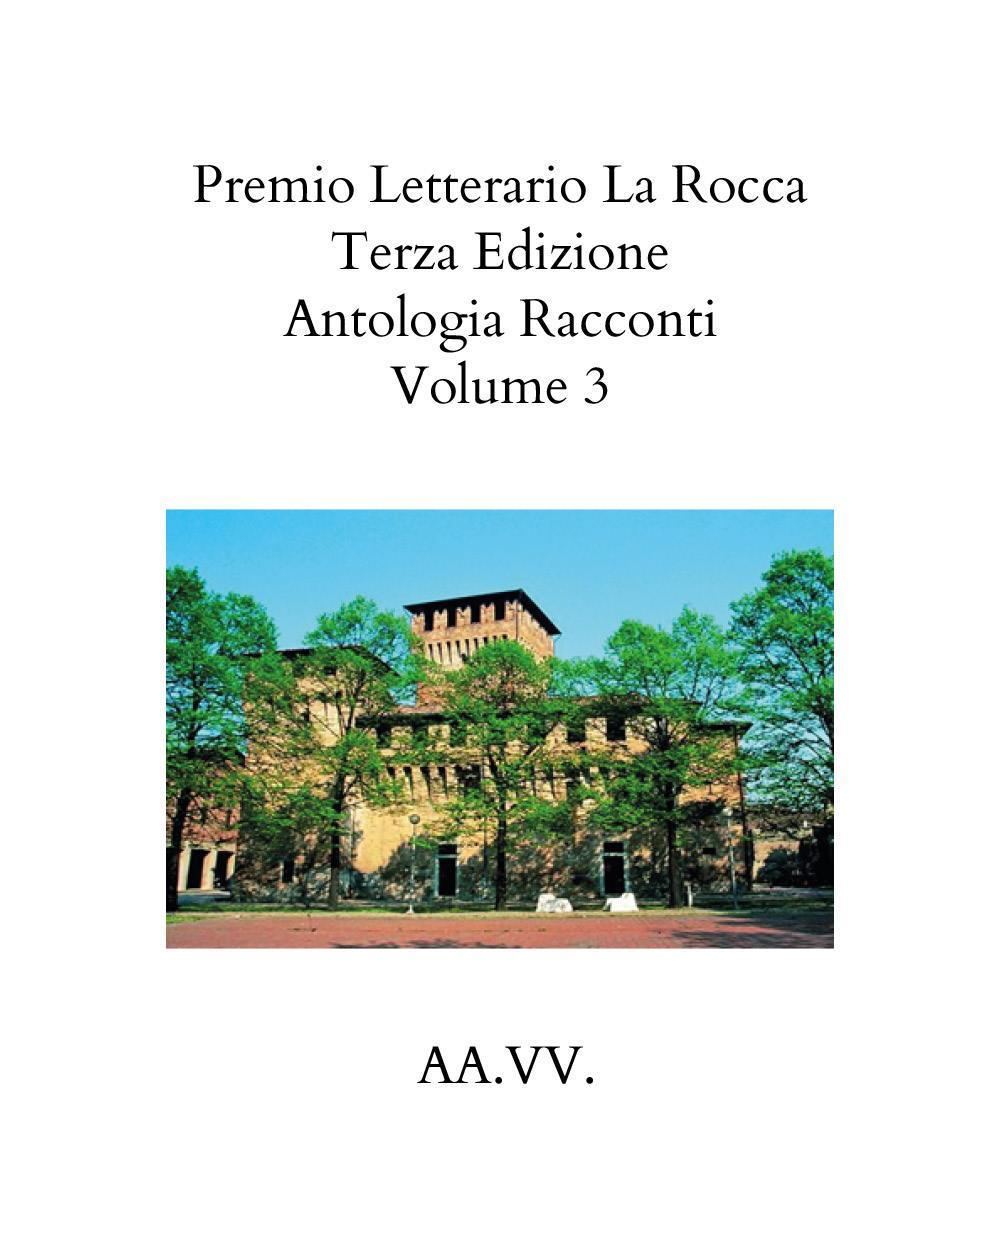 Premio Letterario La Rocca Terza Edizione 2021    Volume III Antologia  AA.VV